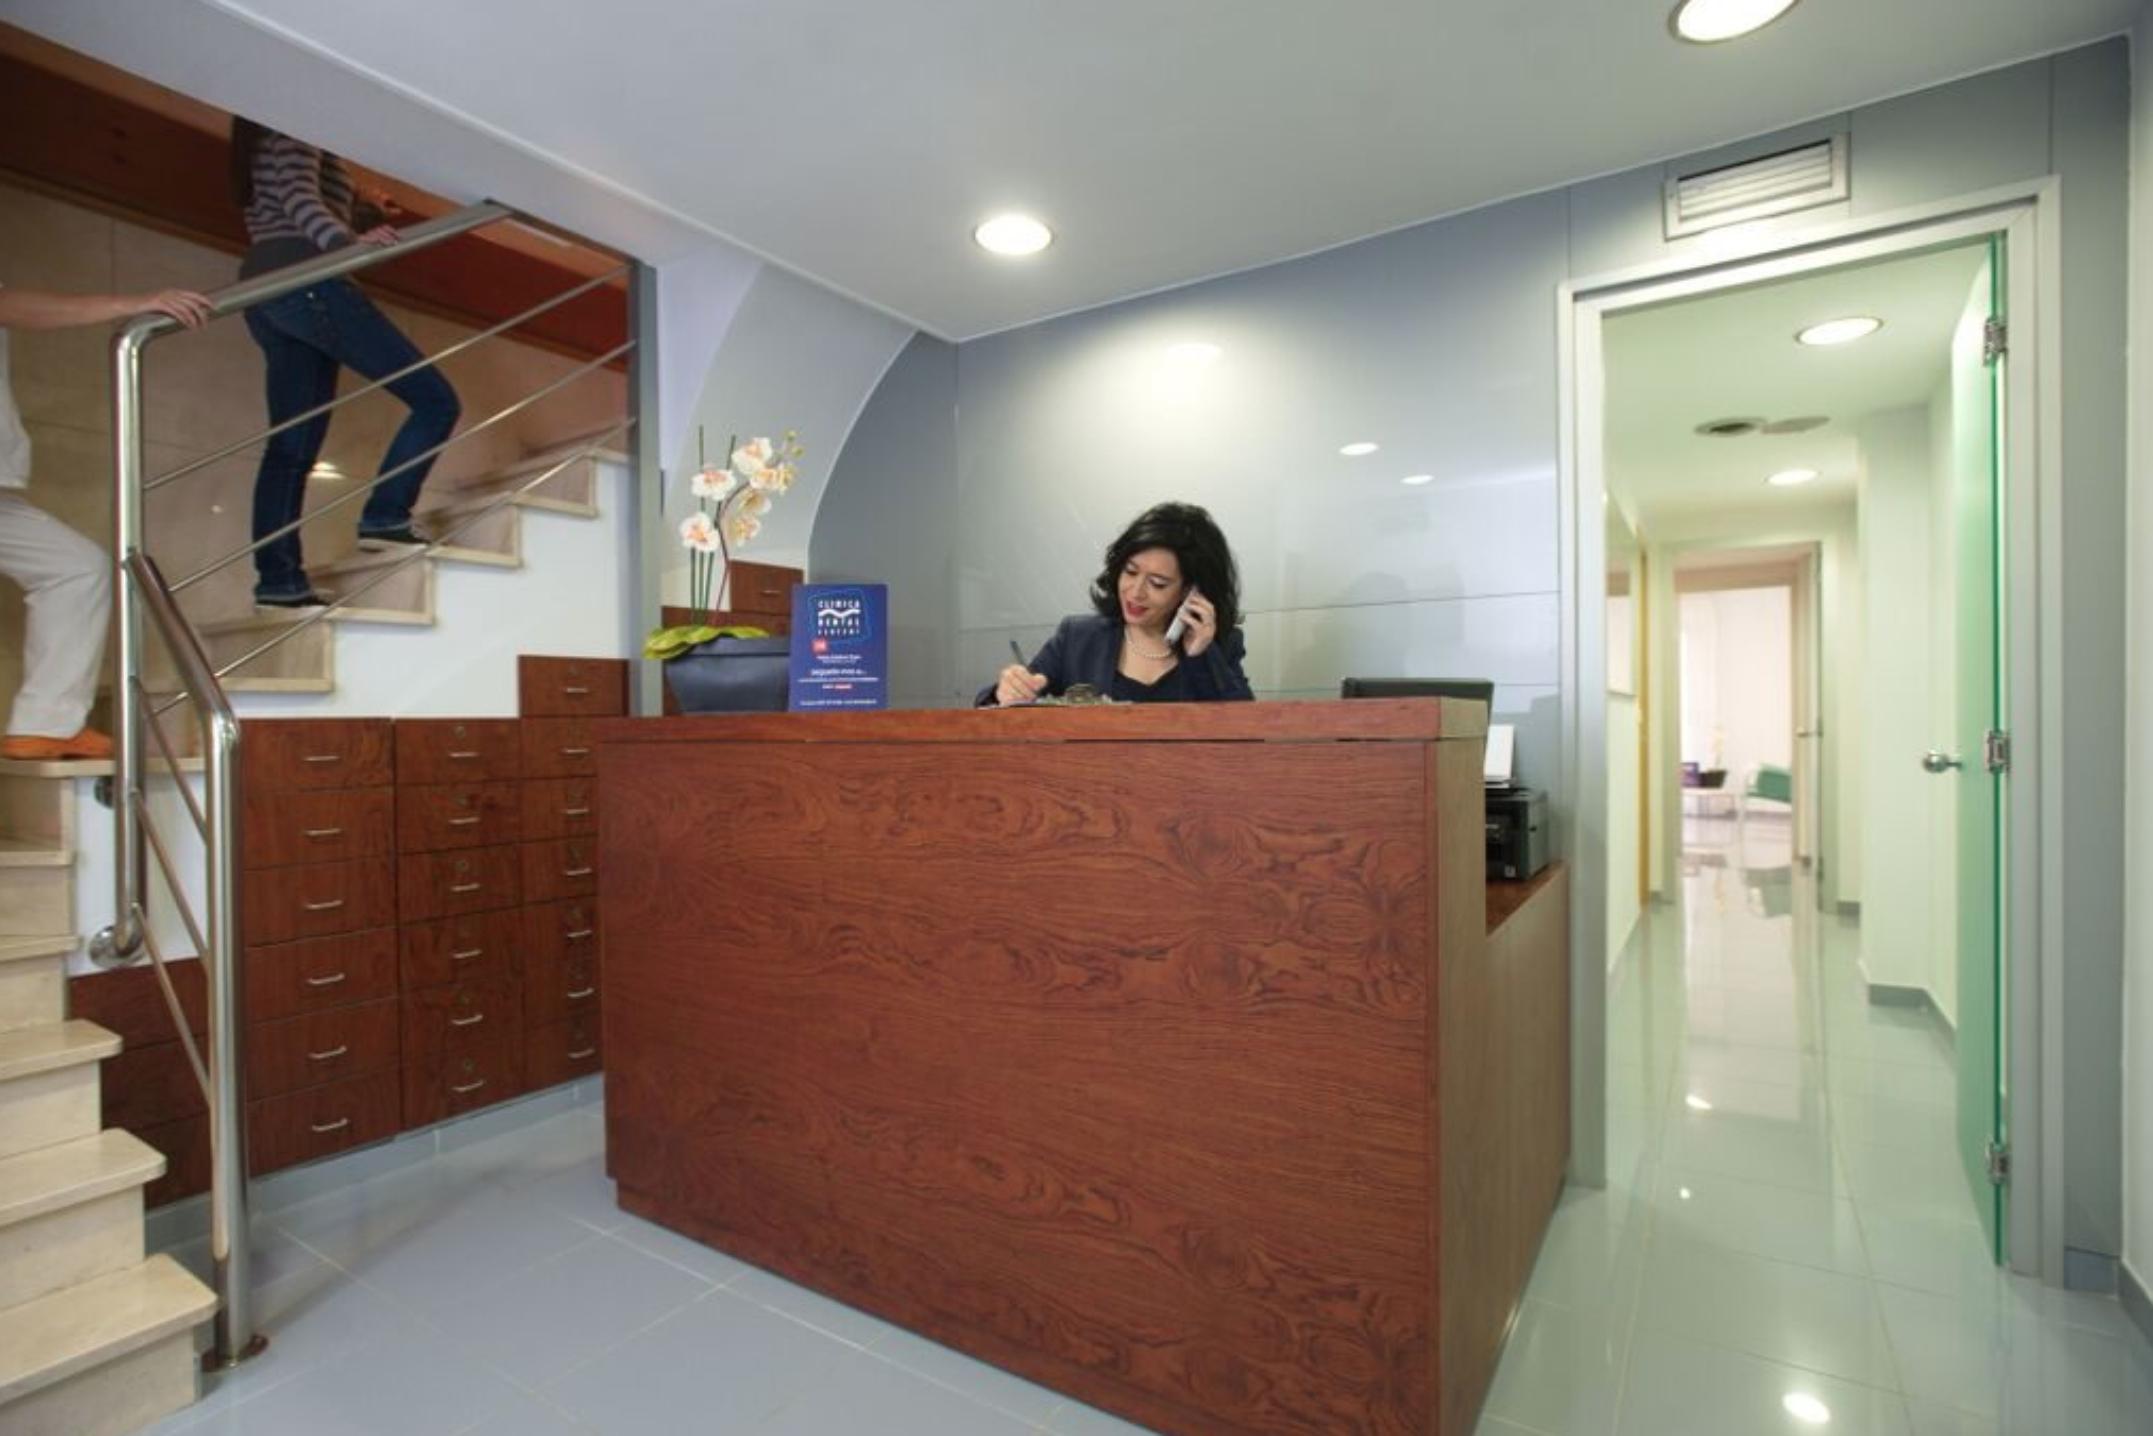 Clínica dental Clofent recepció Tarragona